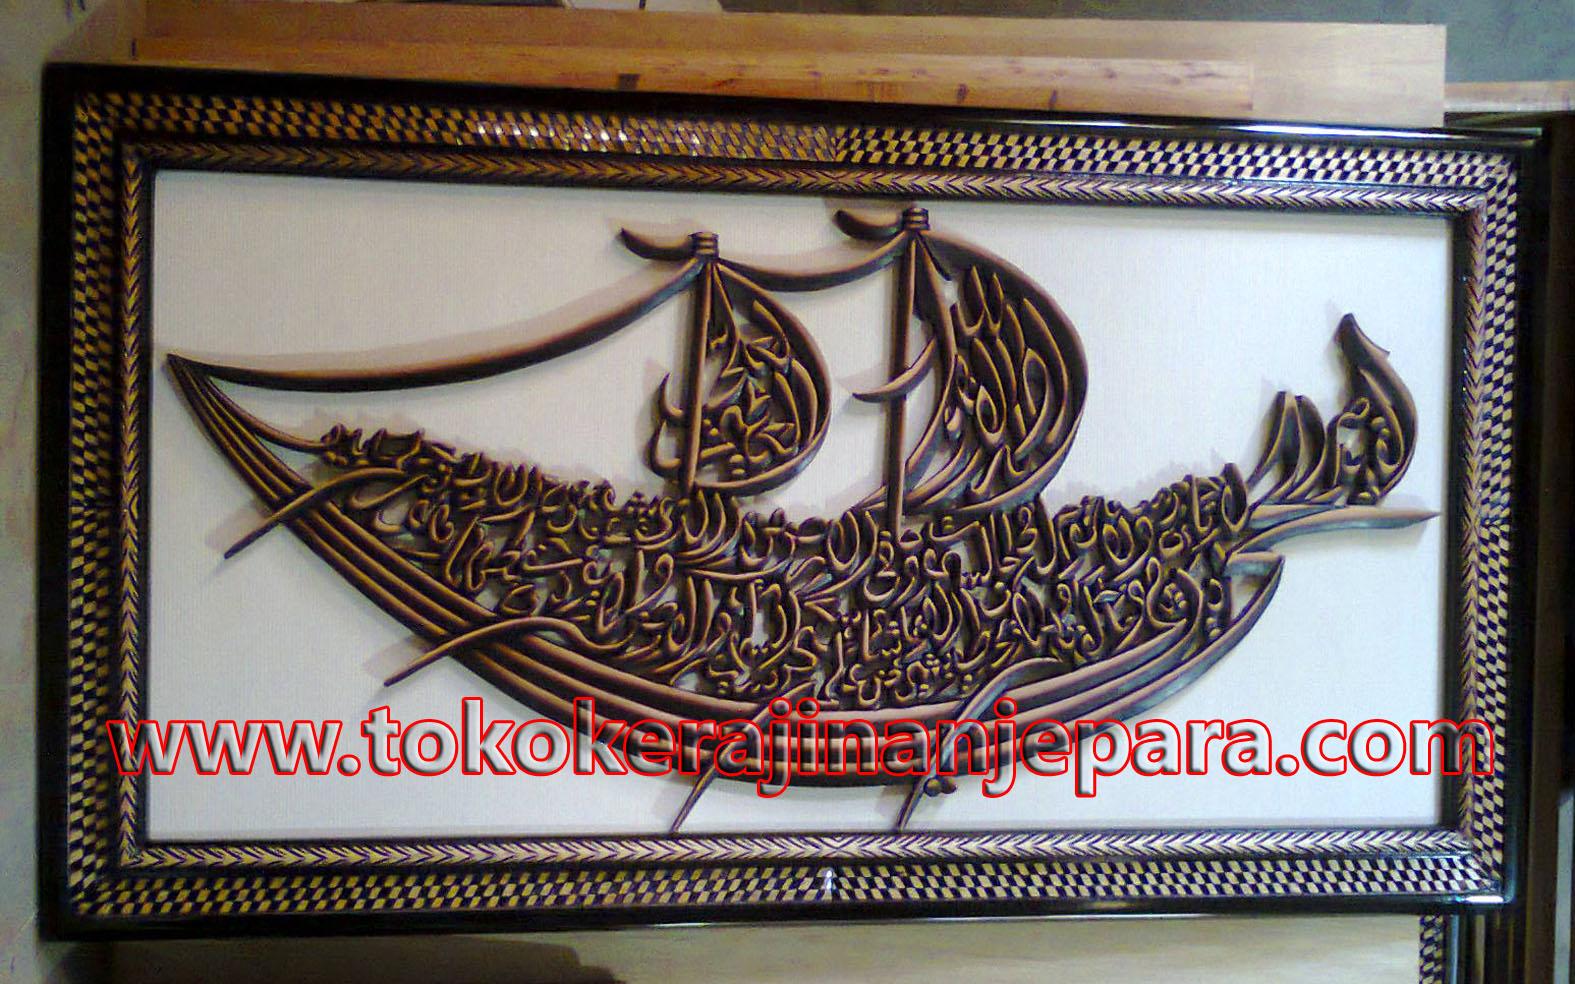 kaligrafi kayu ayat kursi murah